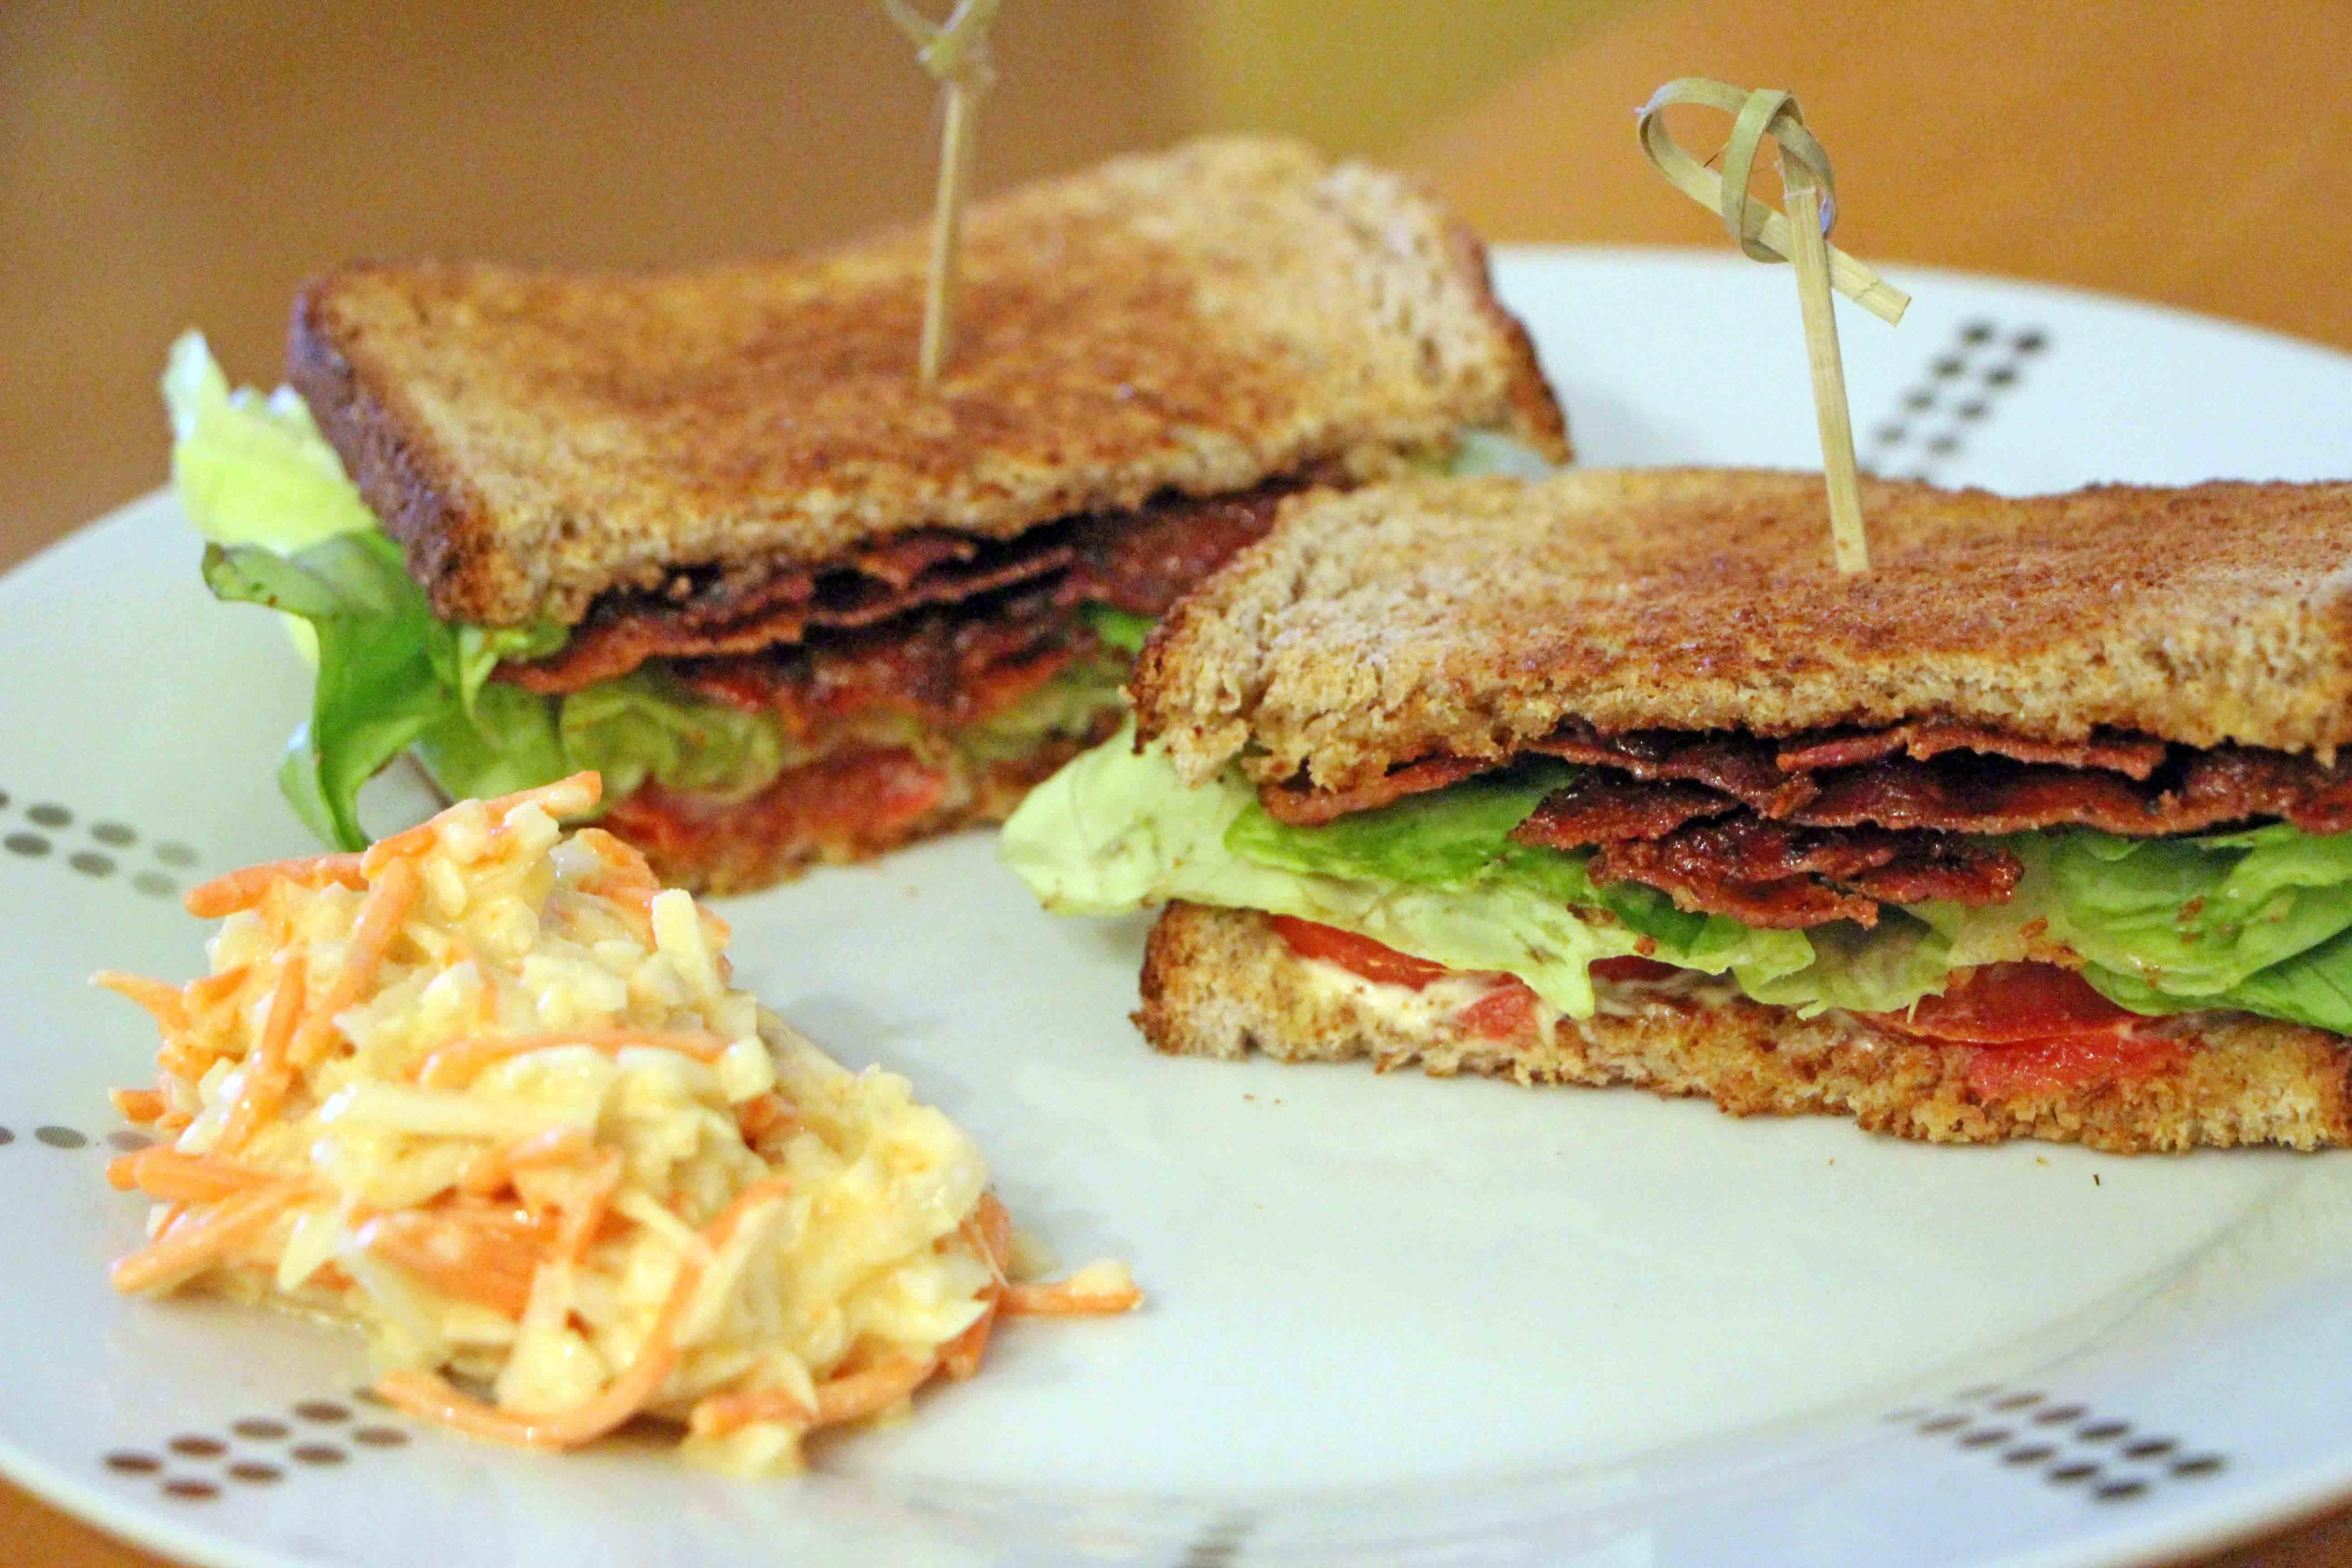 Recette du club sandwich americano BLT